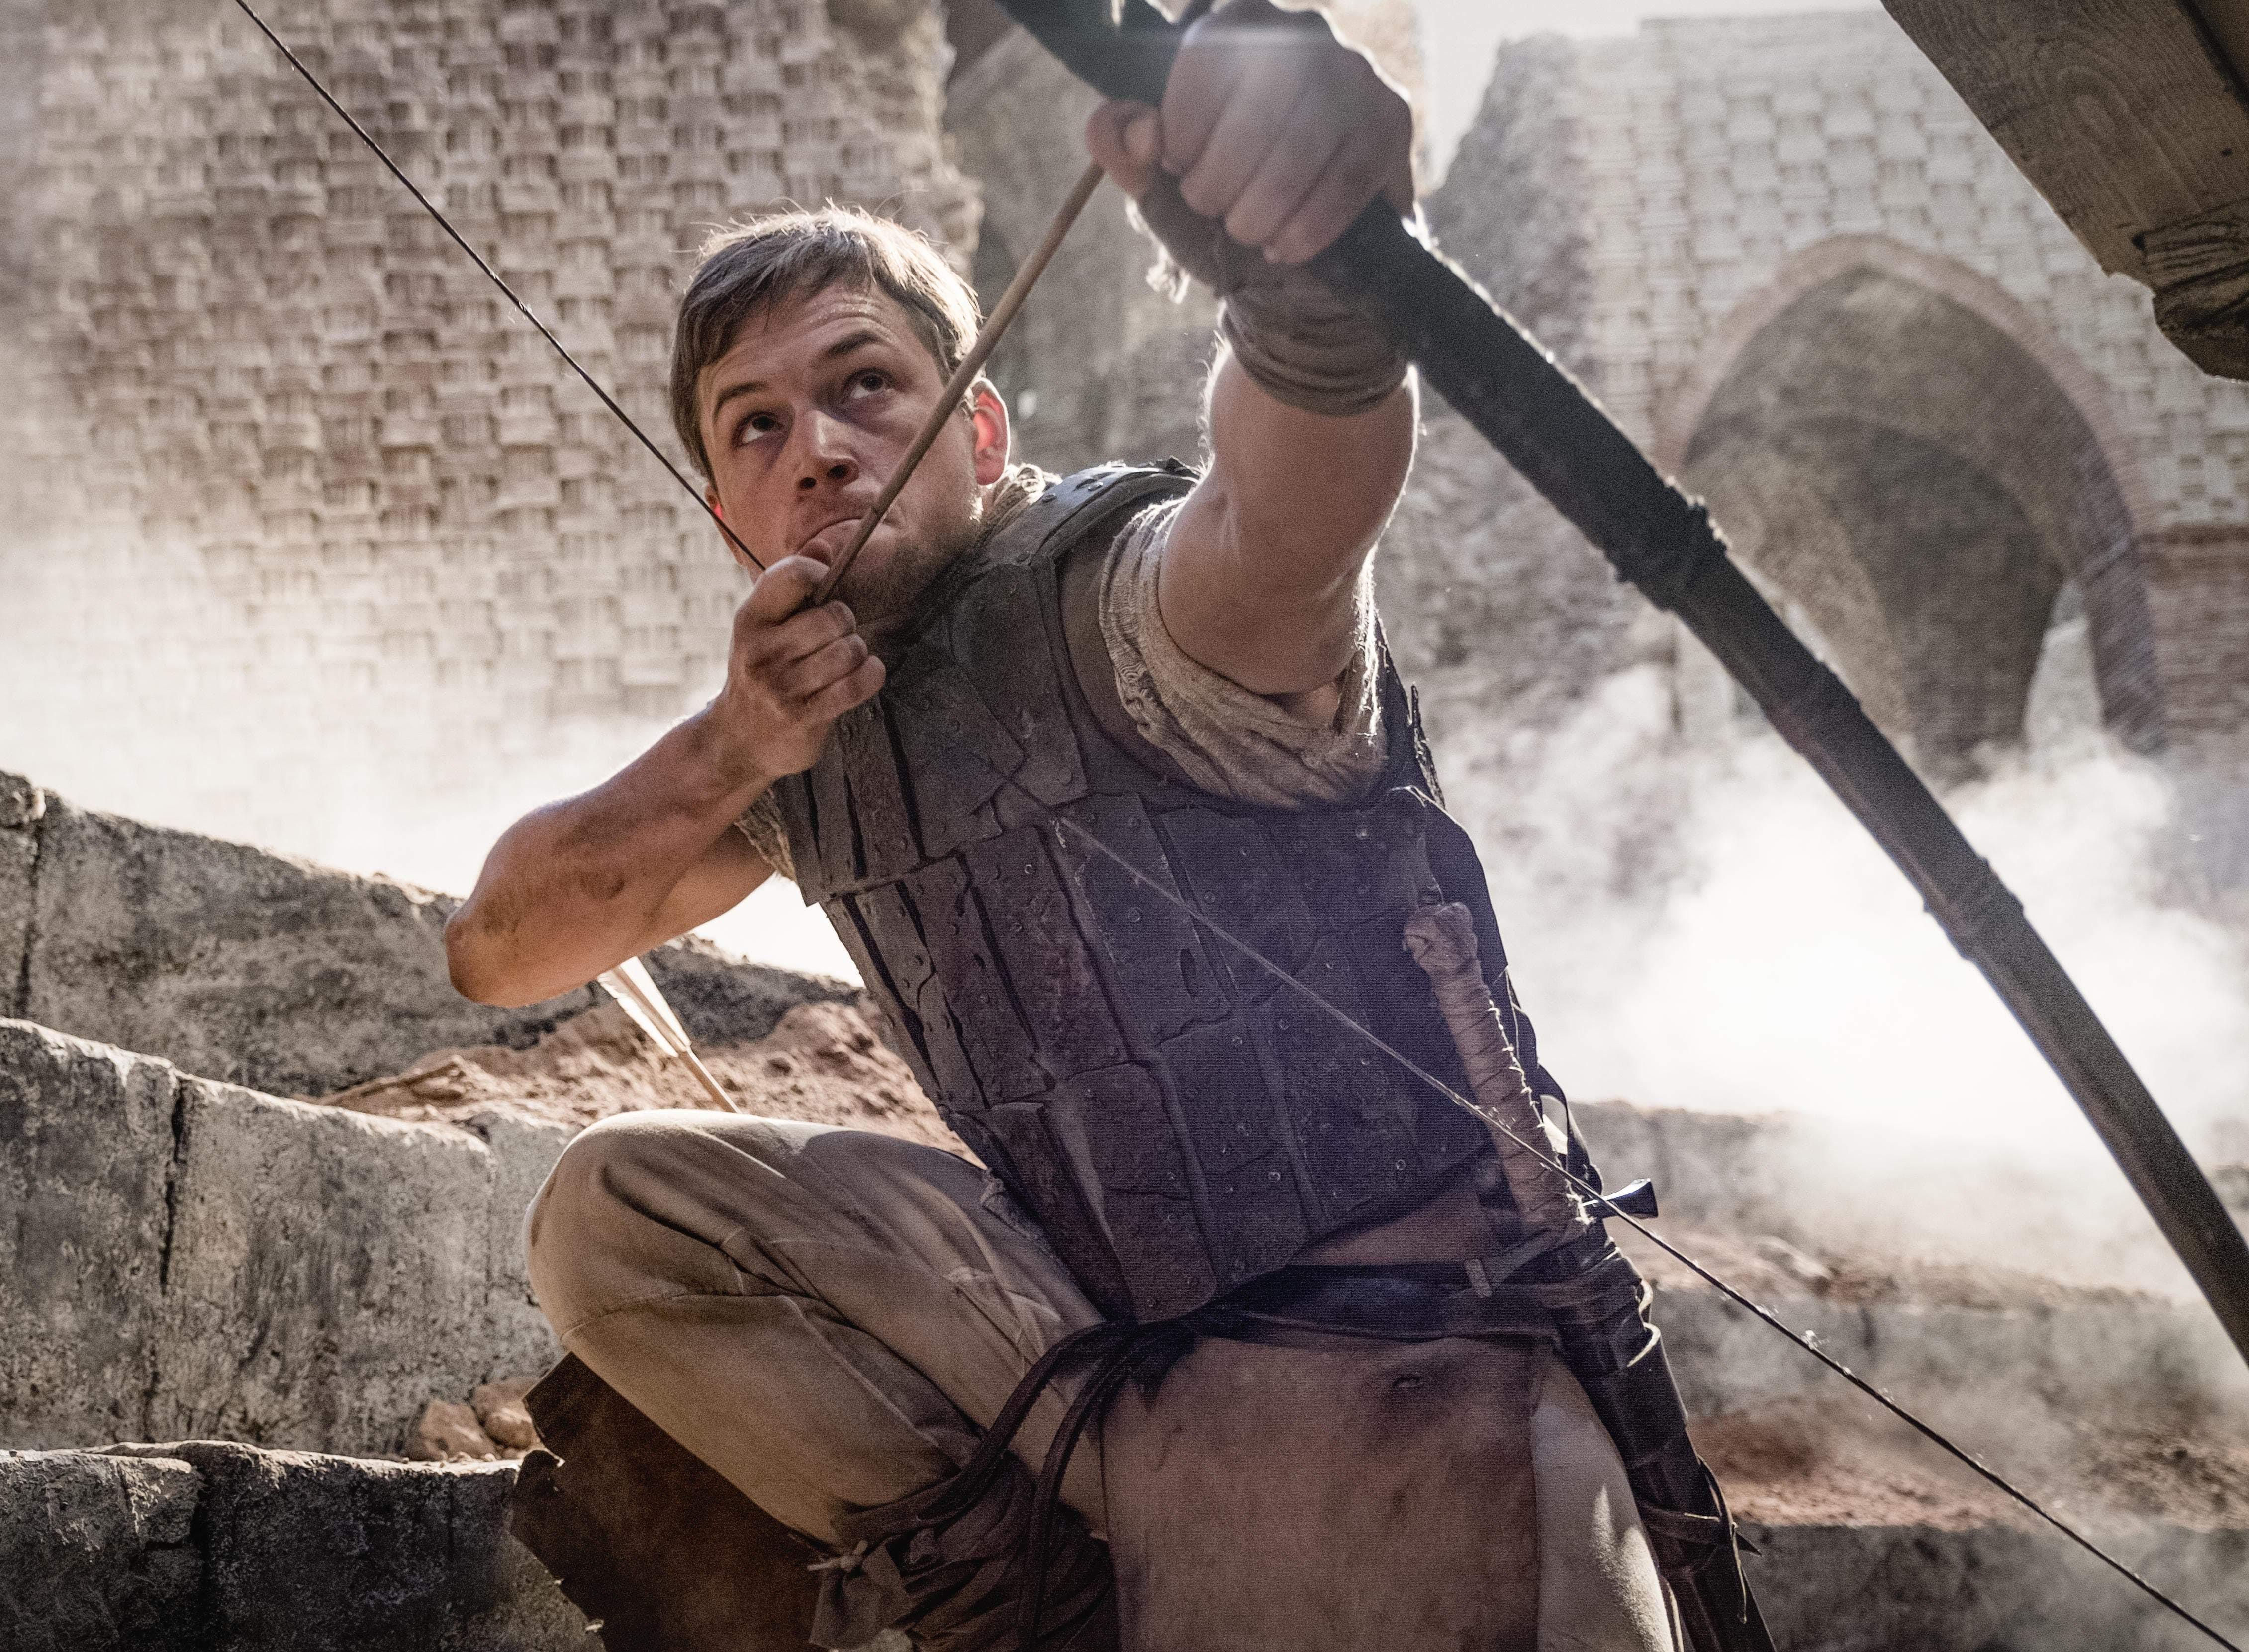 Box Office : 11月23日~11月25日の全米映画ボックスオフィスTOP5 - 「キングスマン」で人気のタロン・エッジャートンを主演に起用して、伝説の義賊の古典を流行のヒーロー映画のように仕立て上げた超大作「ロビン・フッド」が見向きもされず、今年2018年を代表する沈没映画として、大コケの惨敗を喫した初登場第7位 ! !